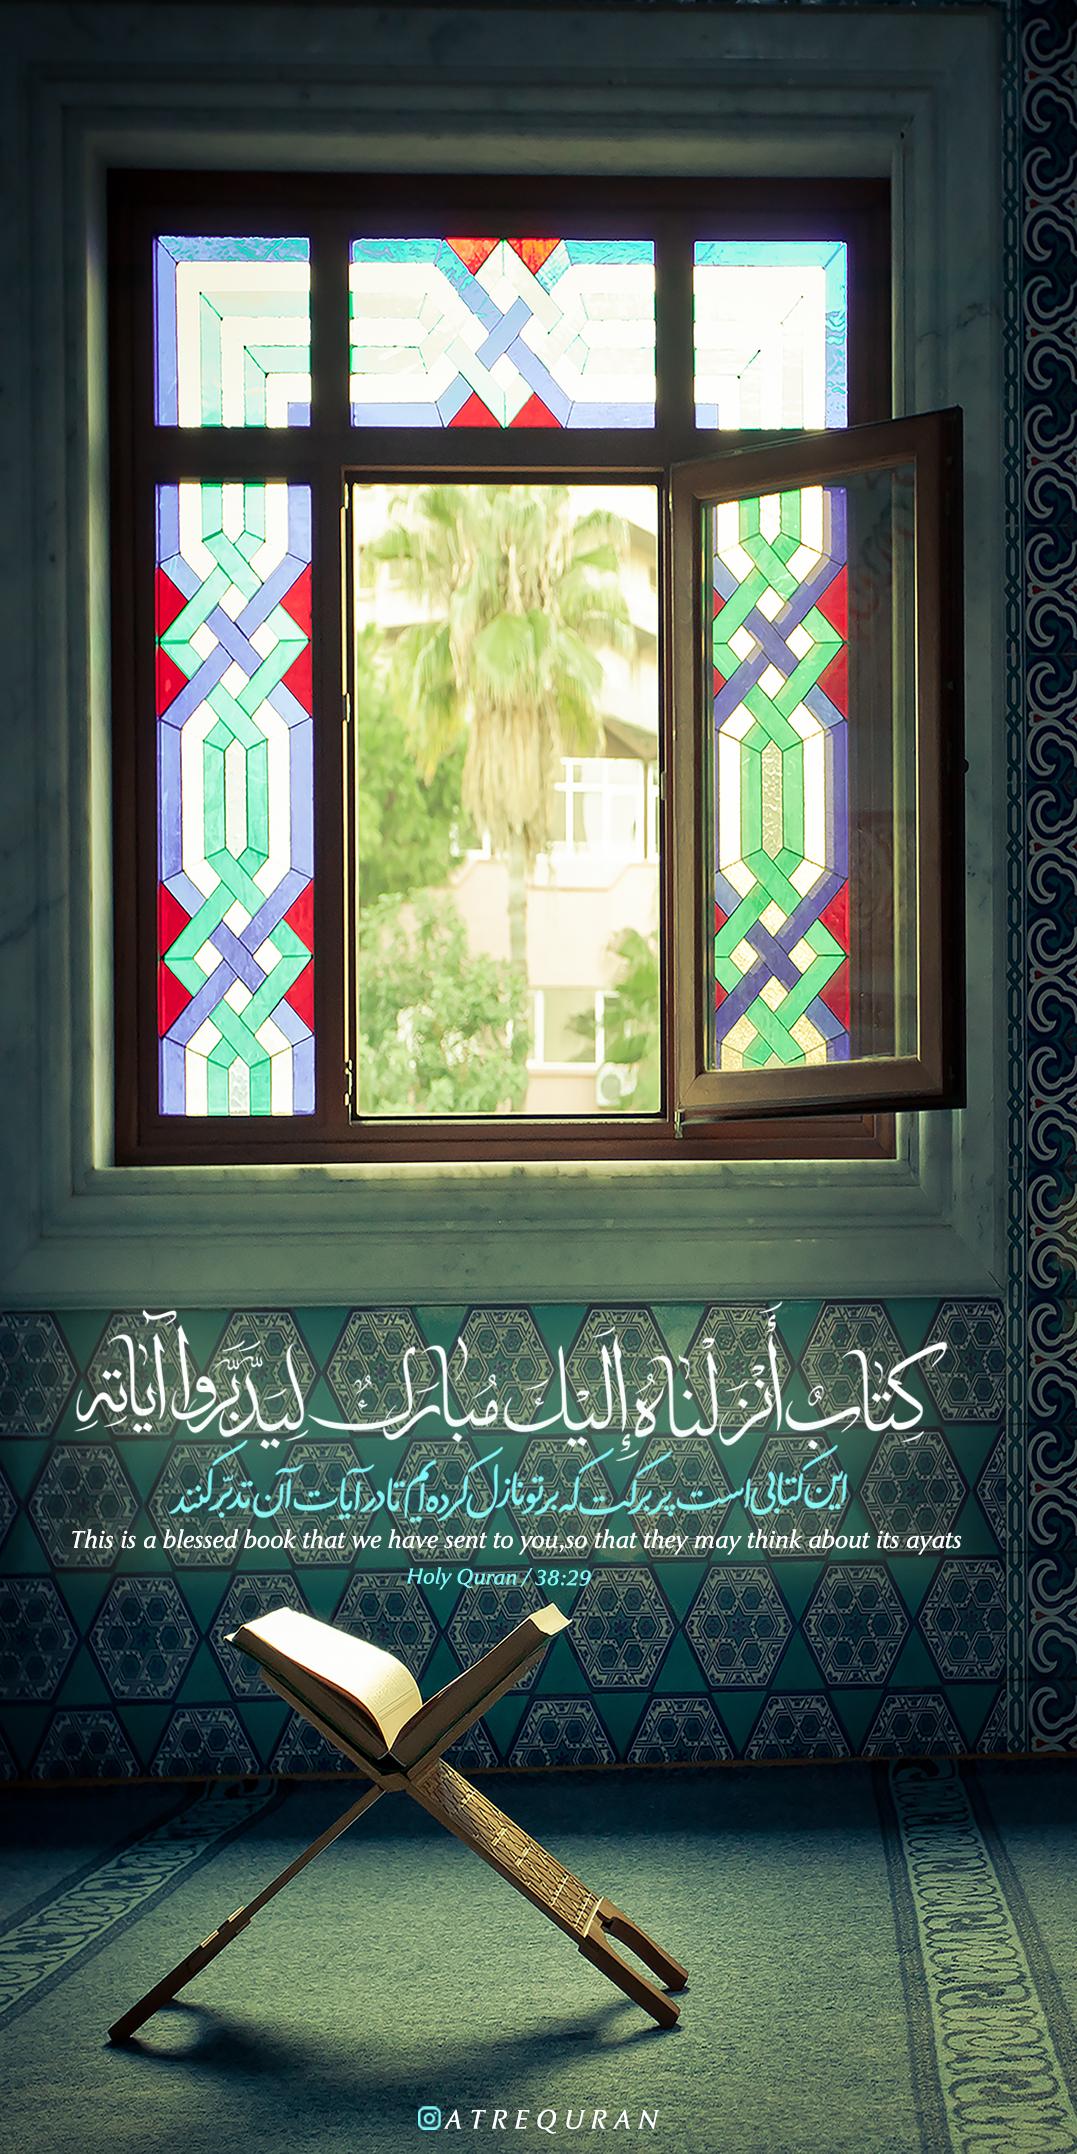 هدف نزول قرآن تدبر در آیات